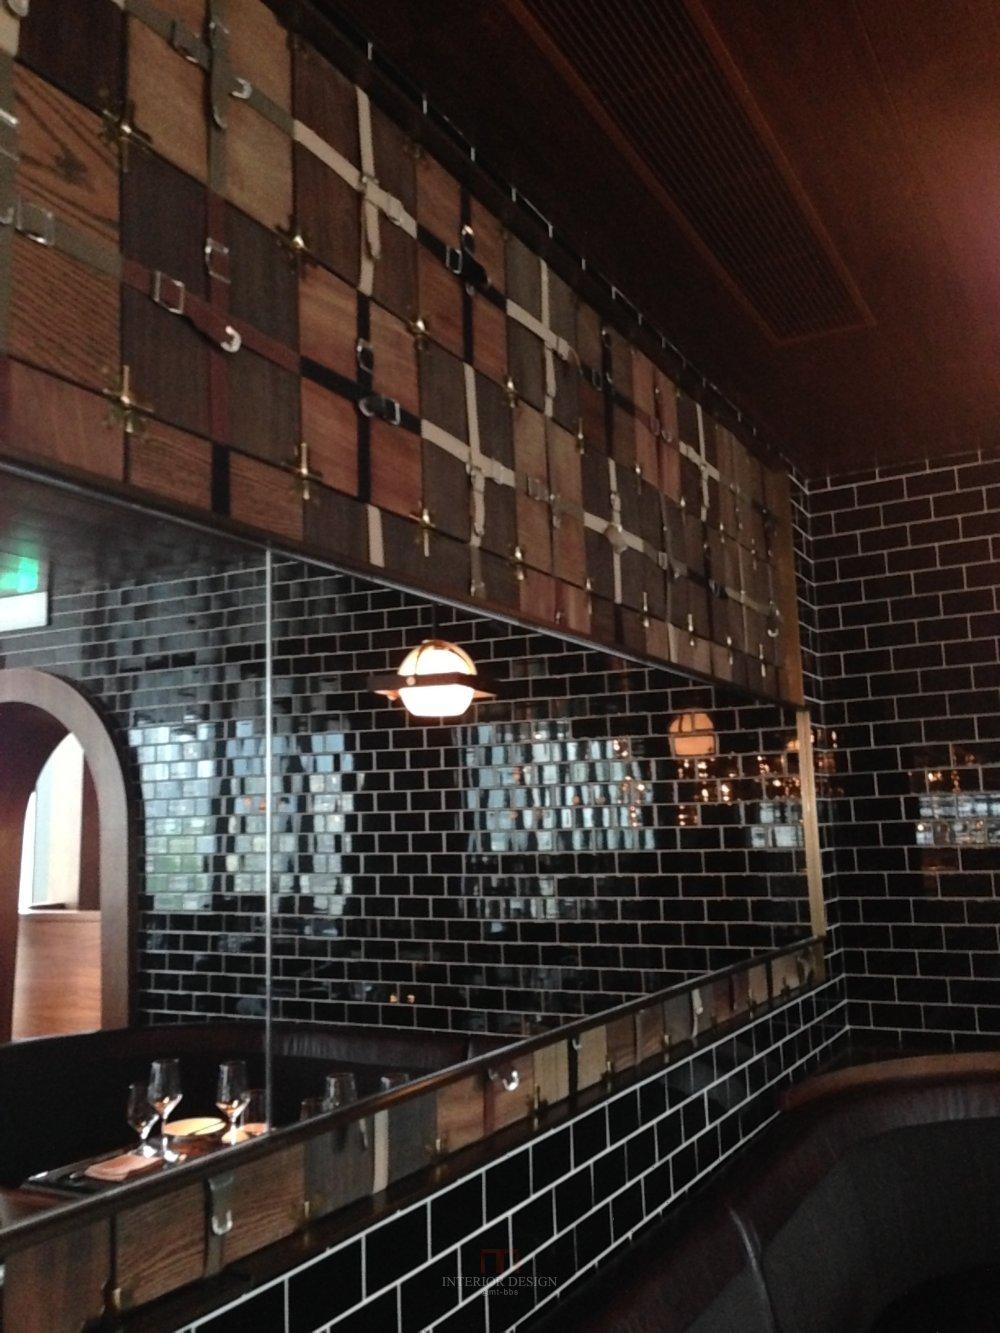 1515牛排馆•酒吧The 1515 WEST CHOPHOUSE & BAR自拍分享_IMG_0131.JPG